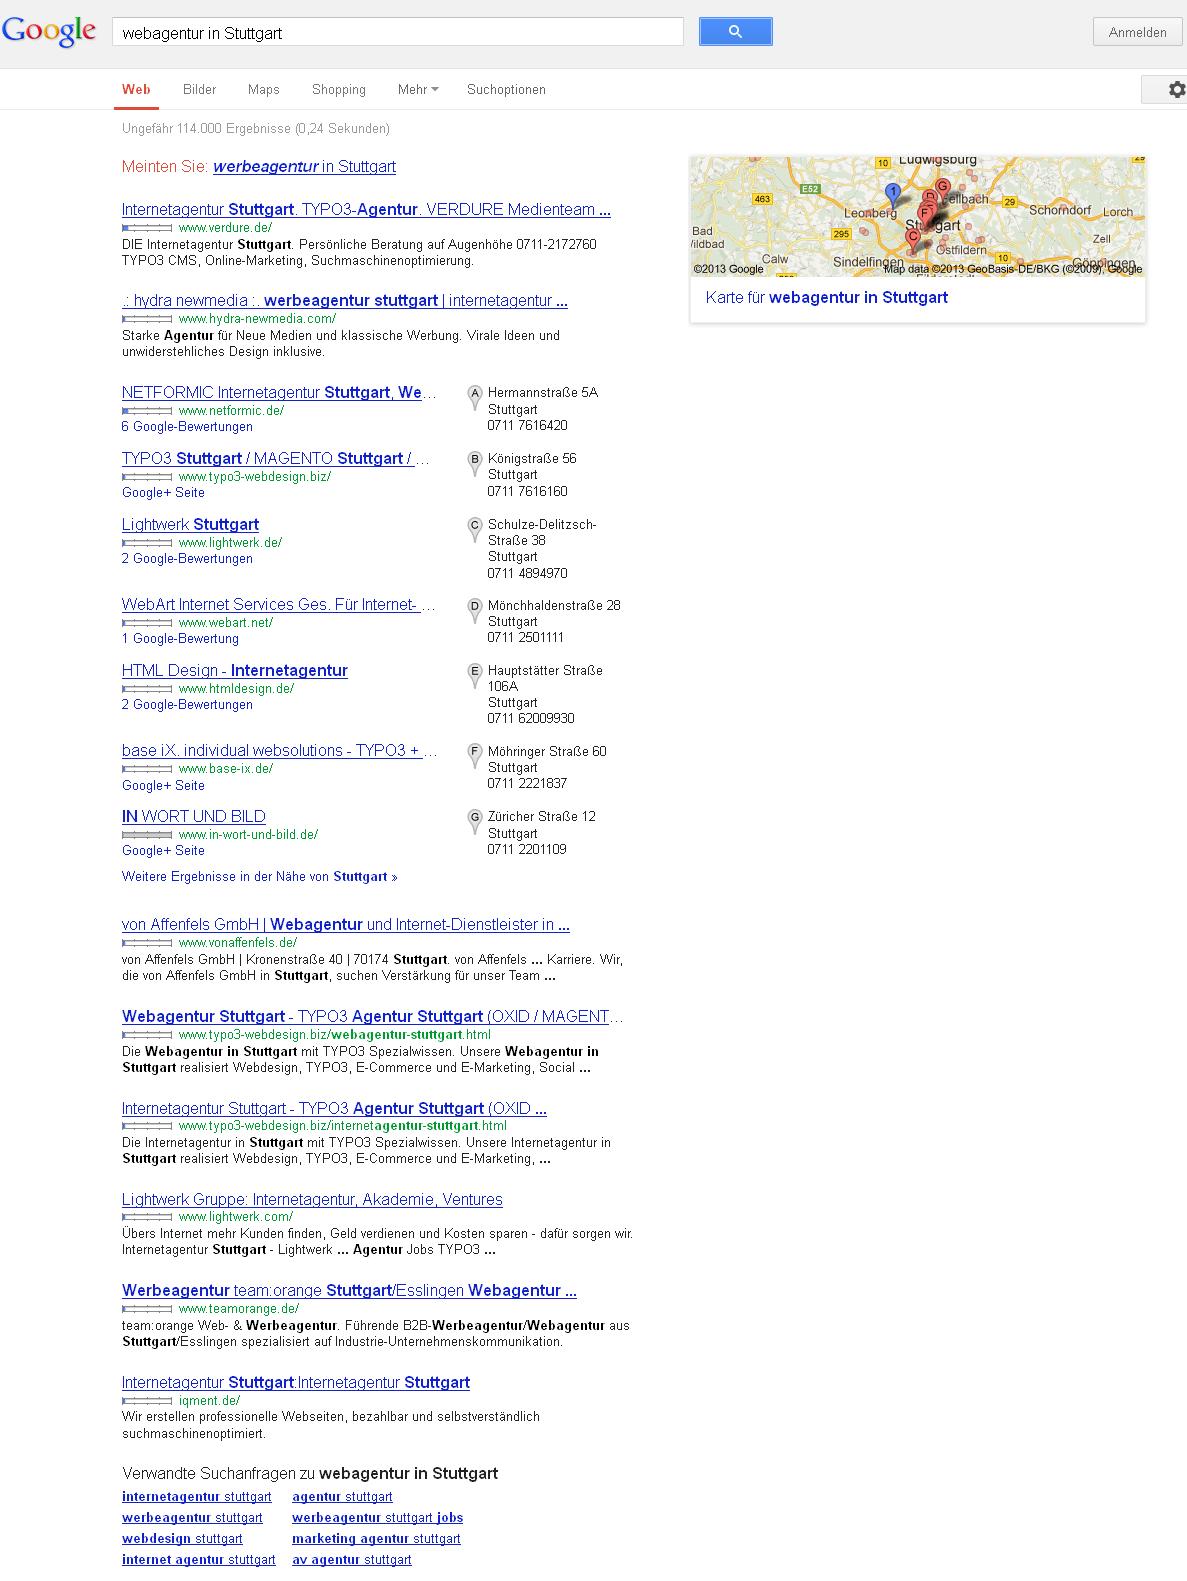 Darstellung-der-Suchergebnisse-nach-einer-Webagentur-in-Stuttgart